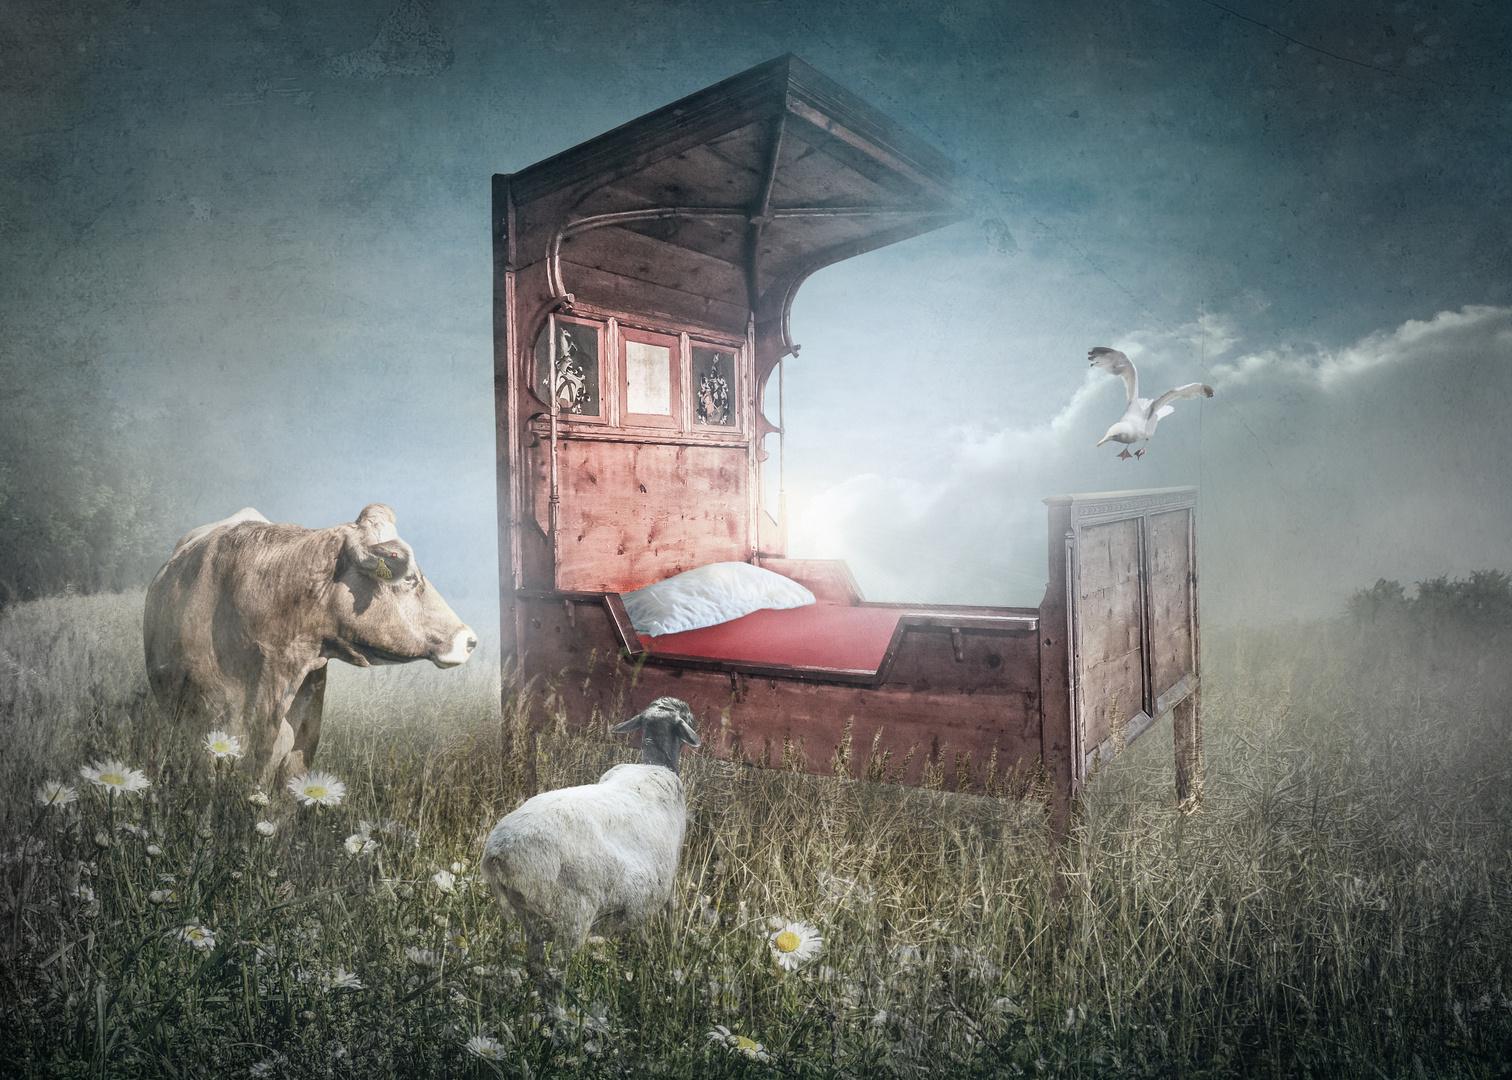 Ein Bett im Kornfeld...